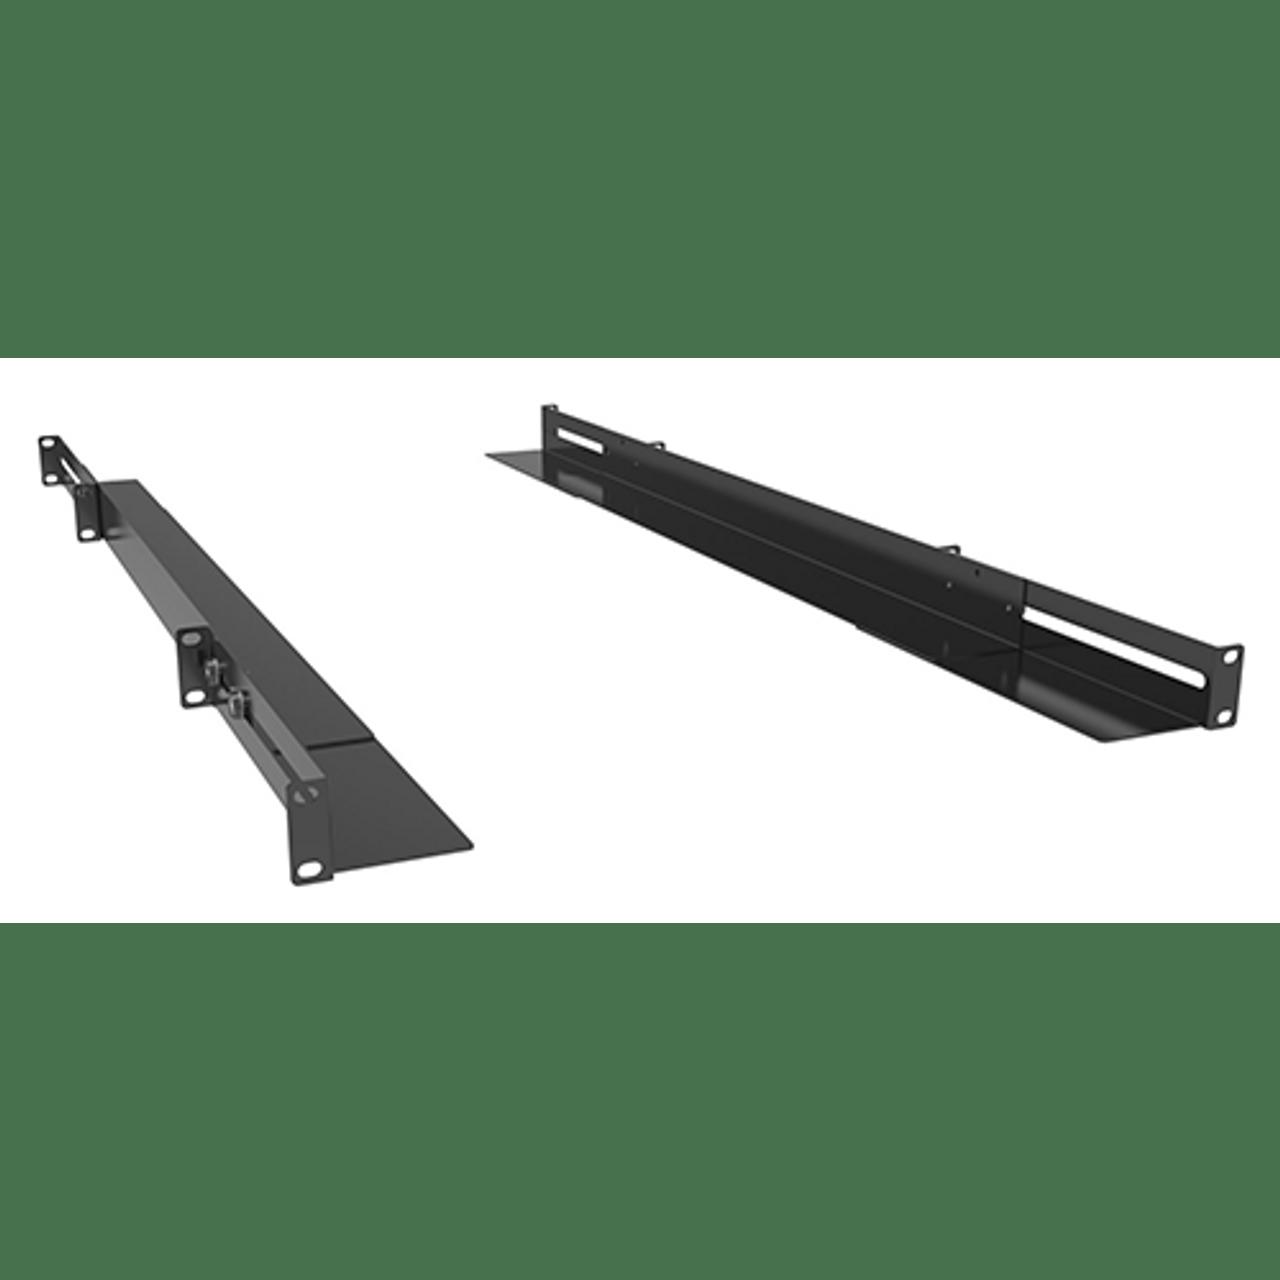 adjustable angle bracket rack mount